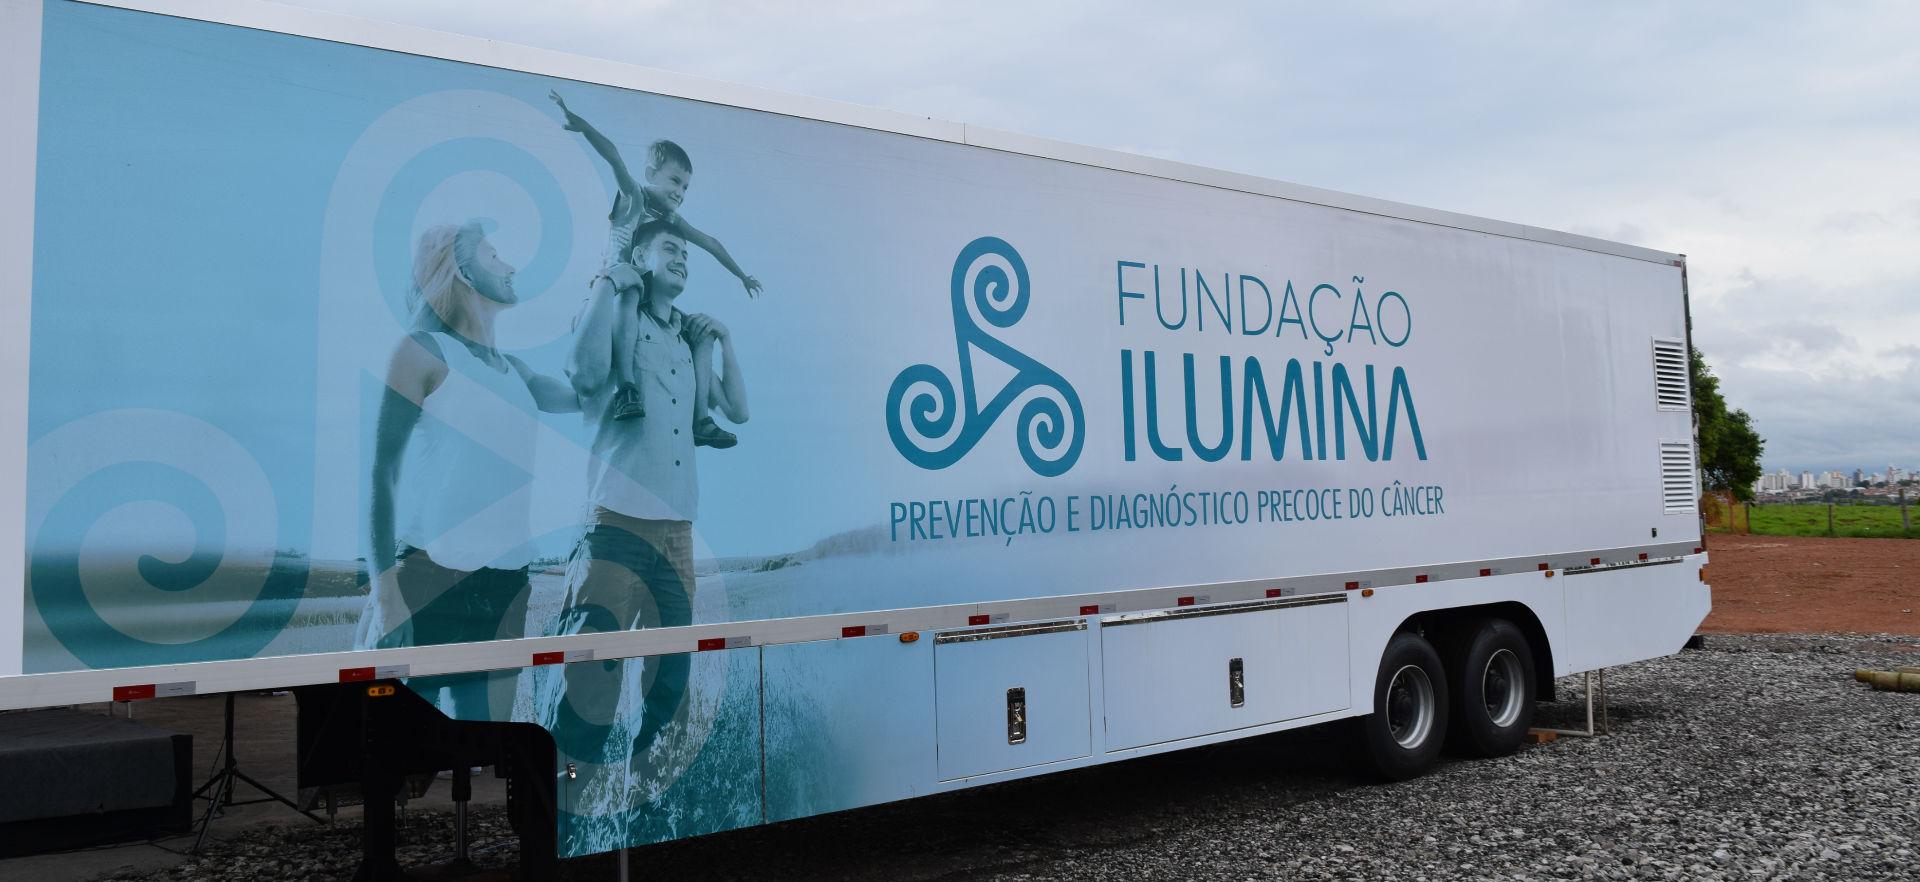 Fundação inaugura Carreta Ilumina!